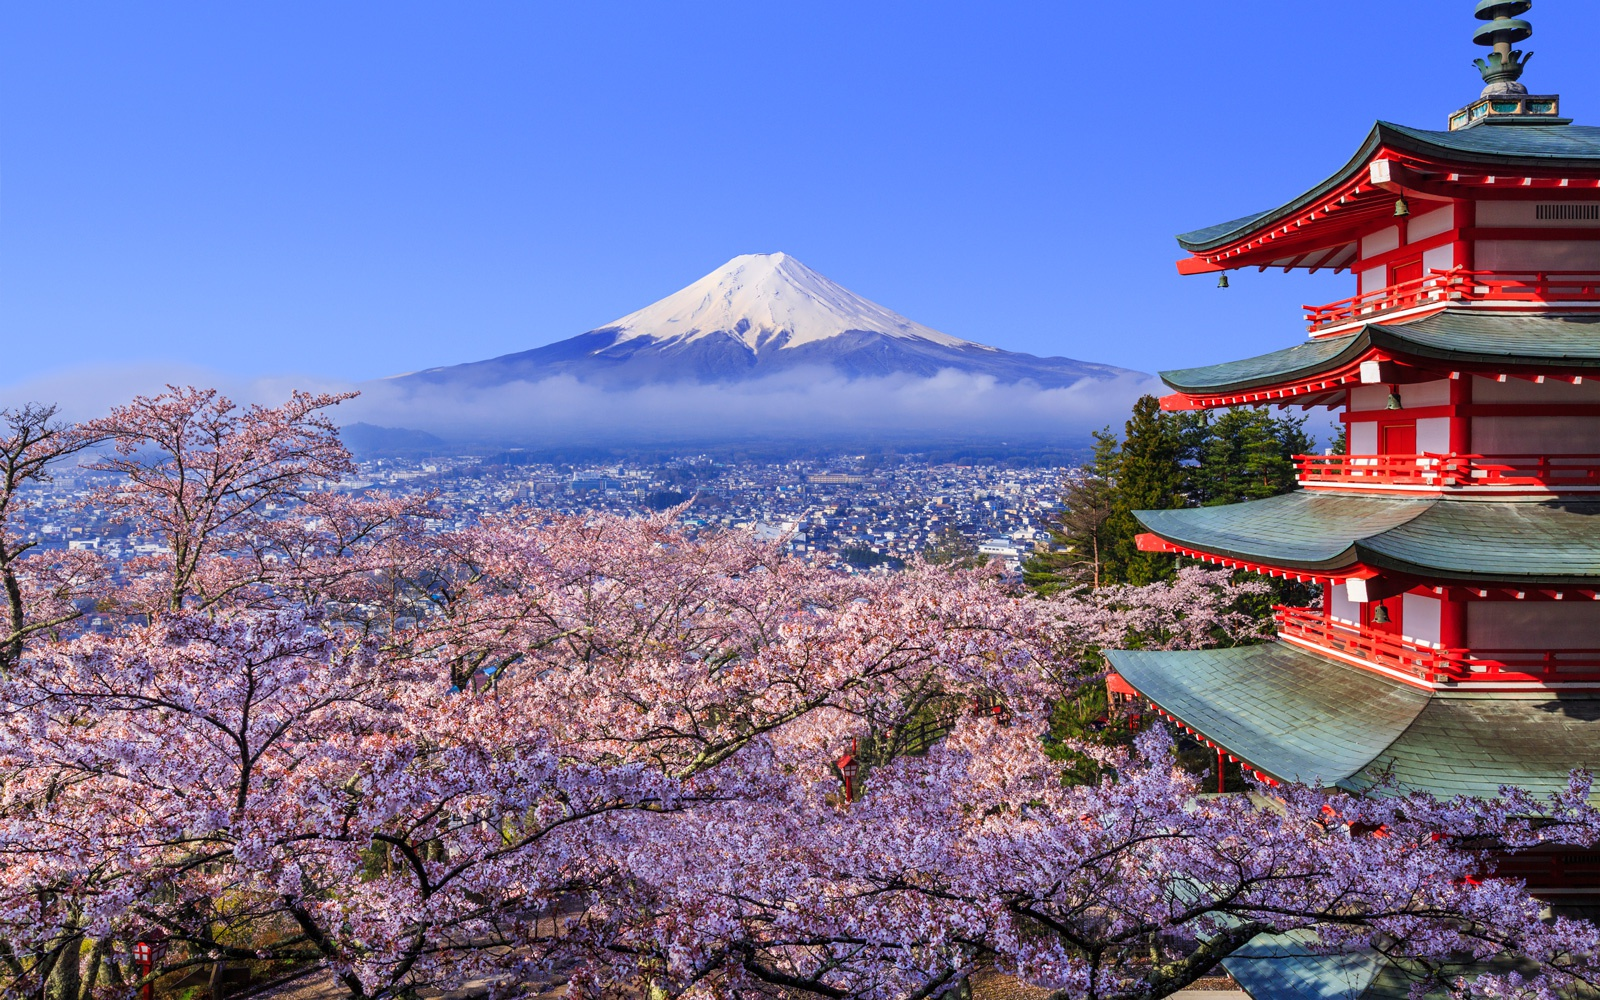 日本现千年来最早樱花季 美好景象背后掩藏怎样的危机?